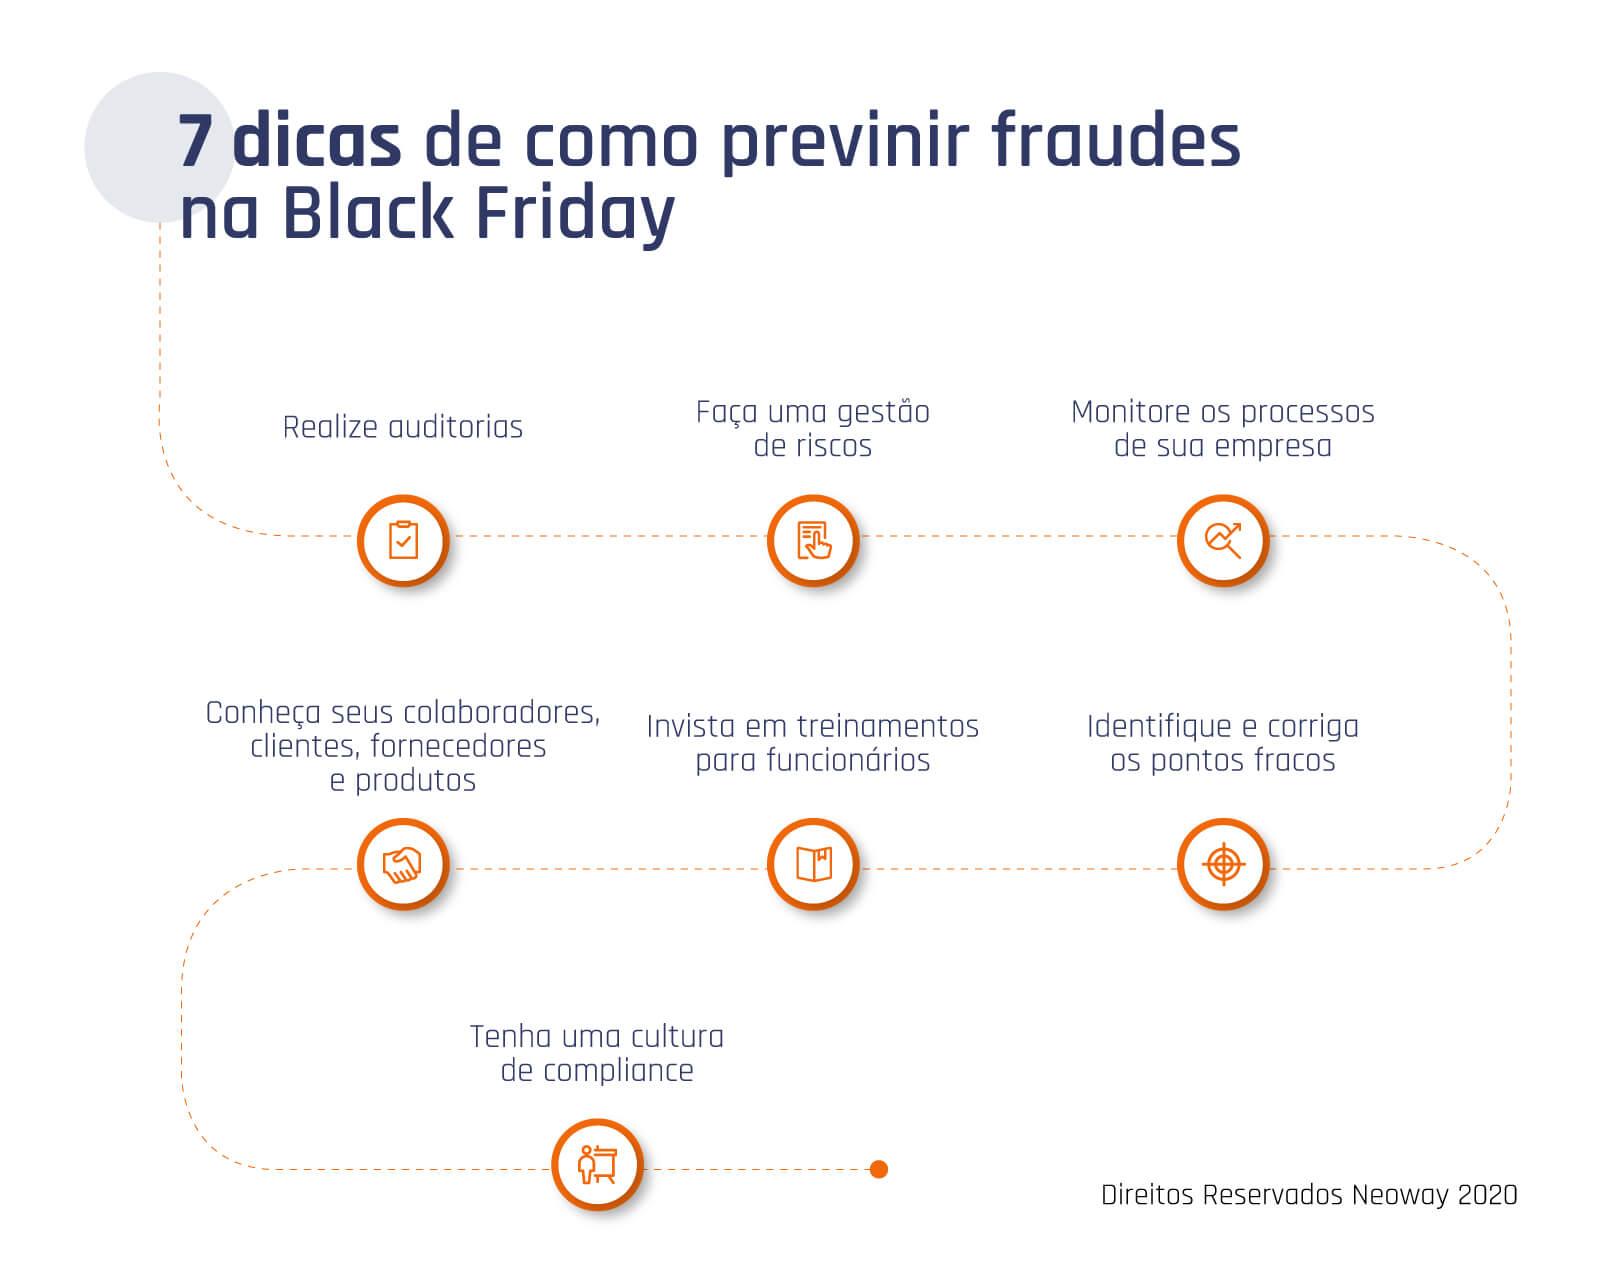 7 dicas como prevenir fraudes na black friday